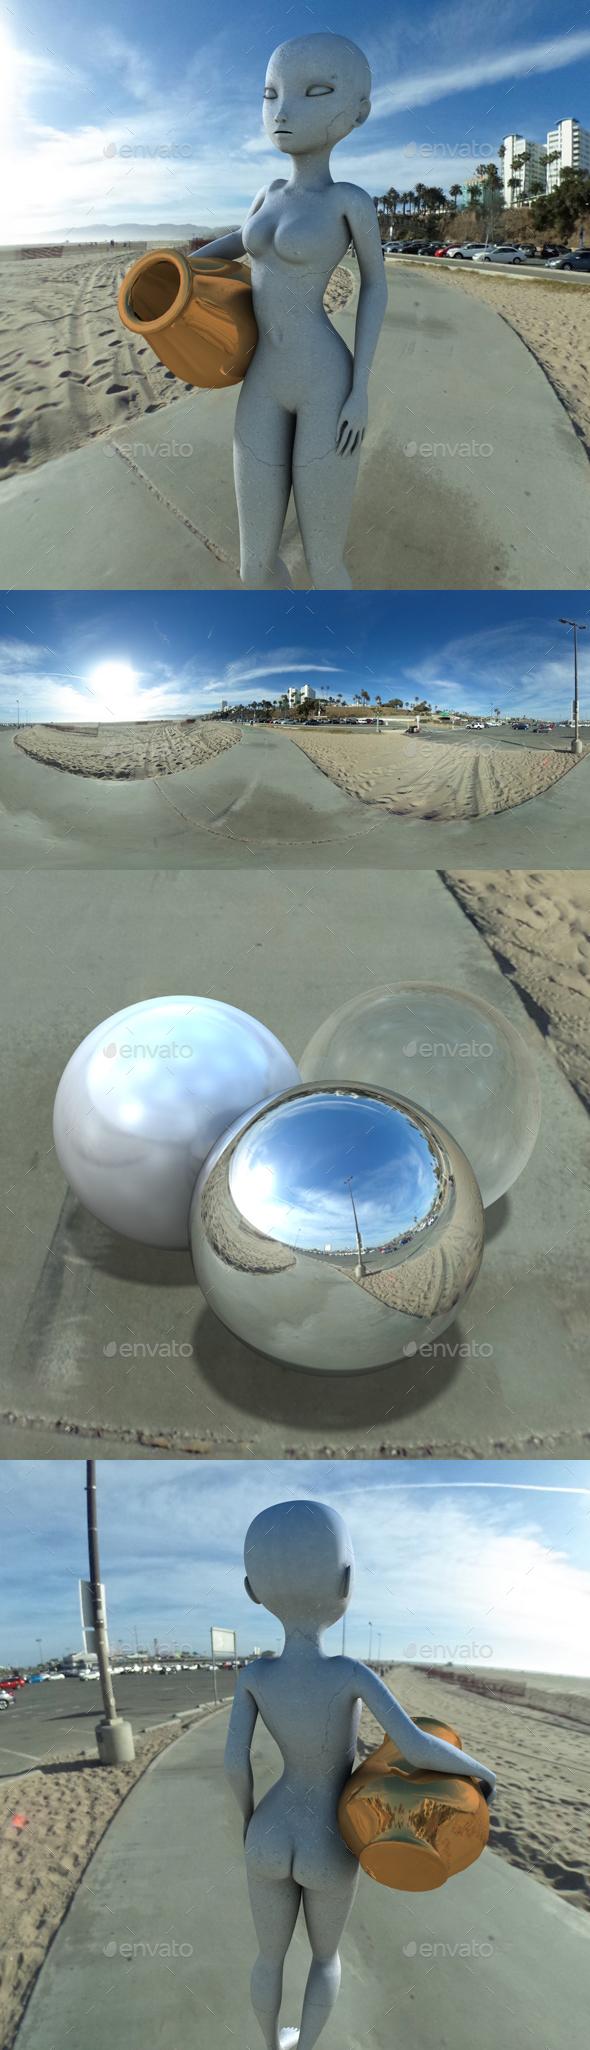 Sunny Beach Car Park HDRI - 3DOcean Item for Sale